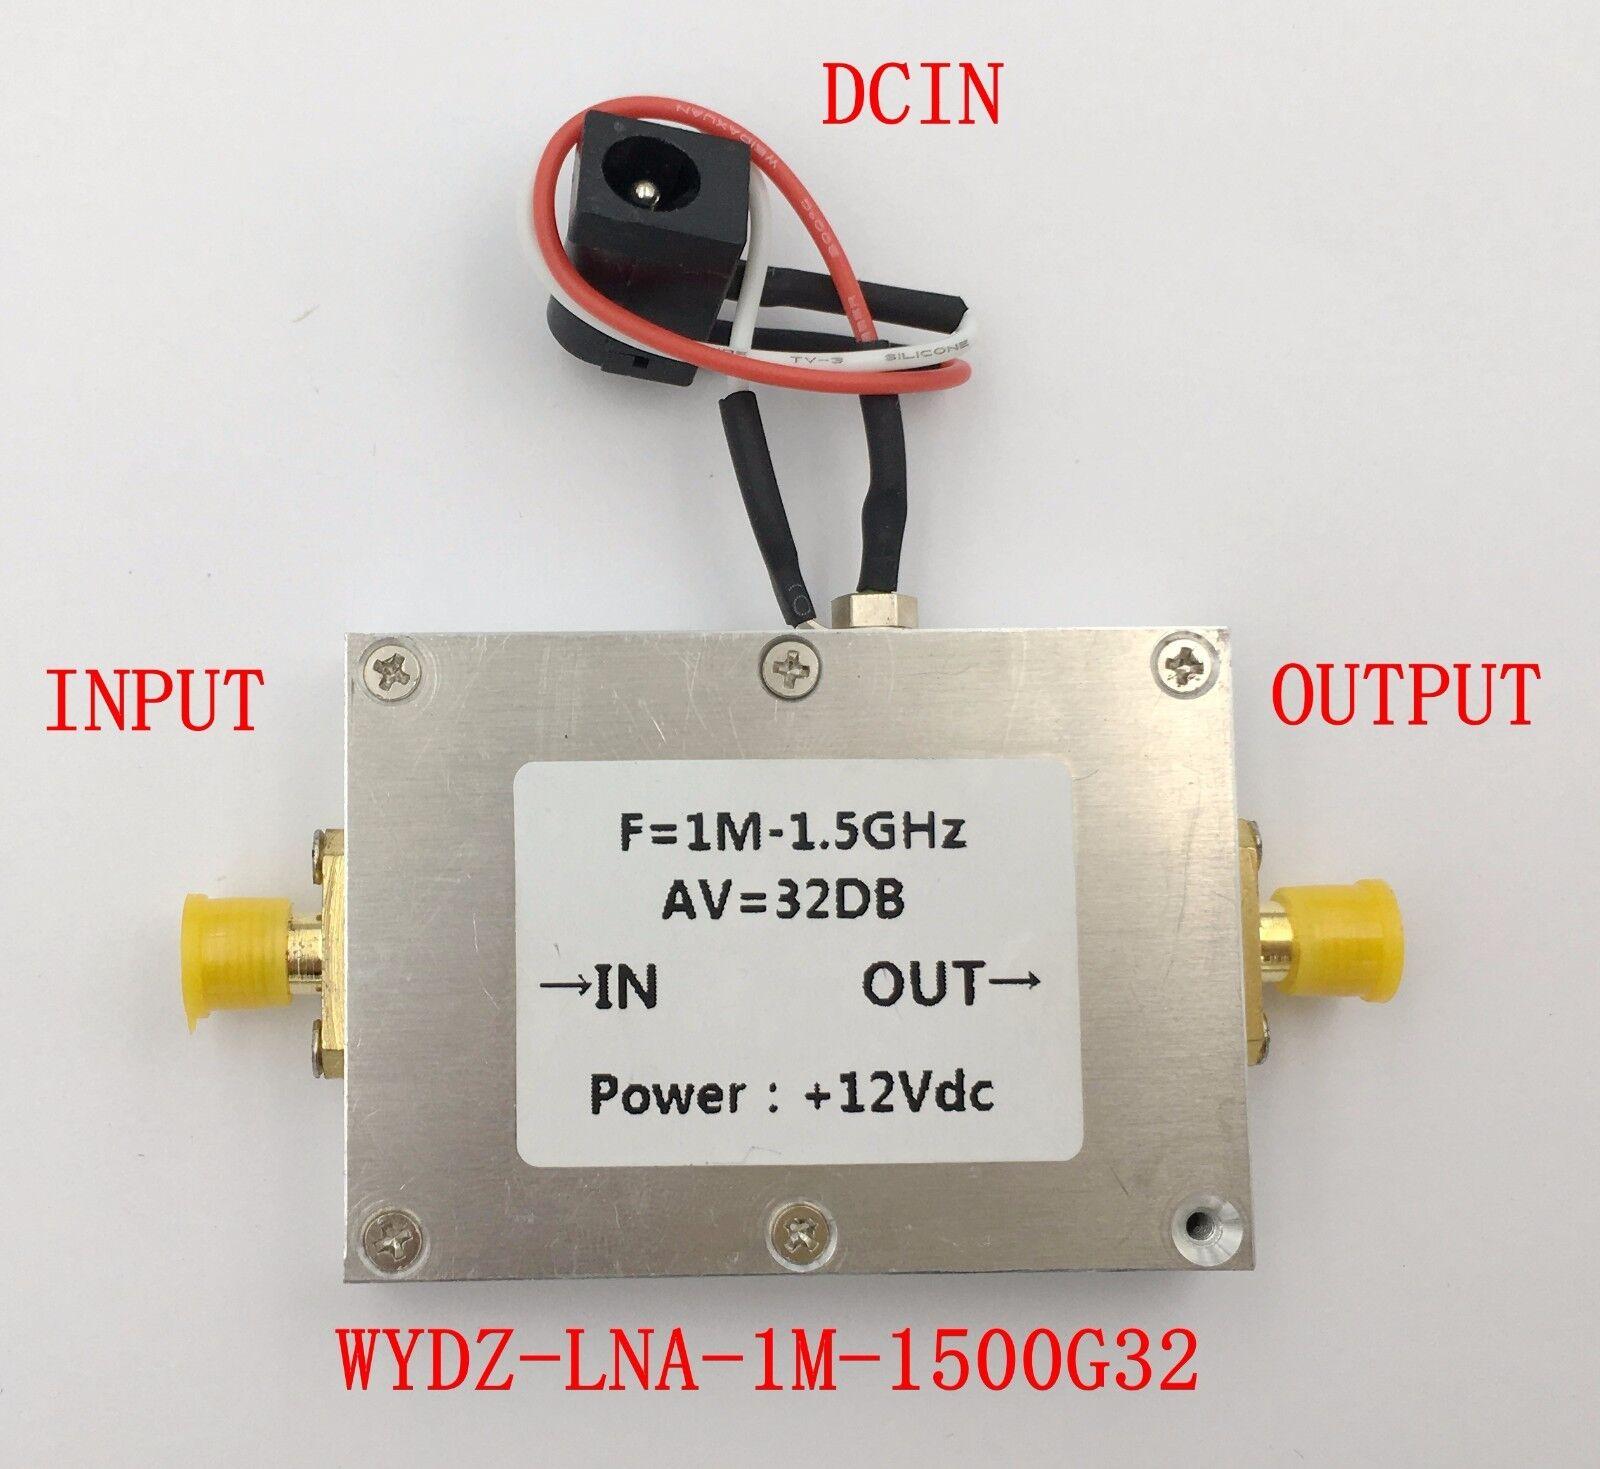 NEW LNA-1M-1500 32dB Low Noise Amplifier | Wundr-Shop